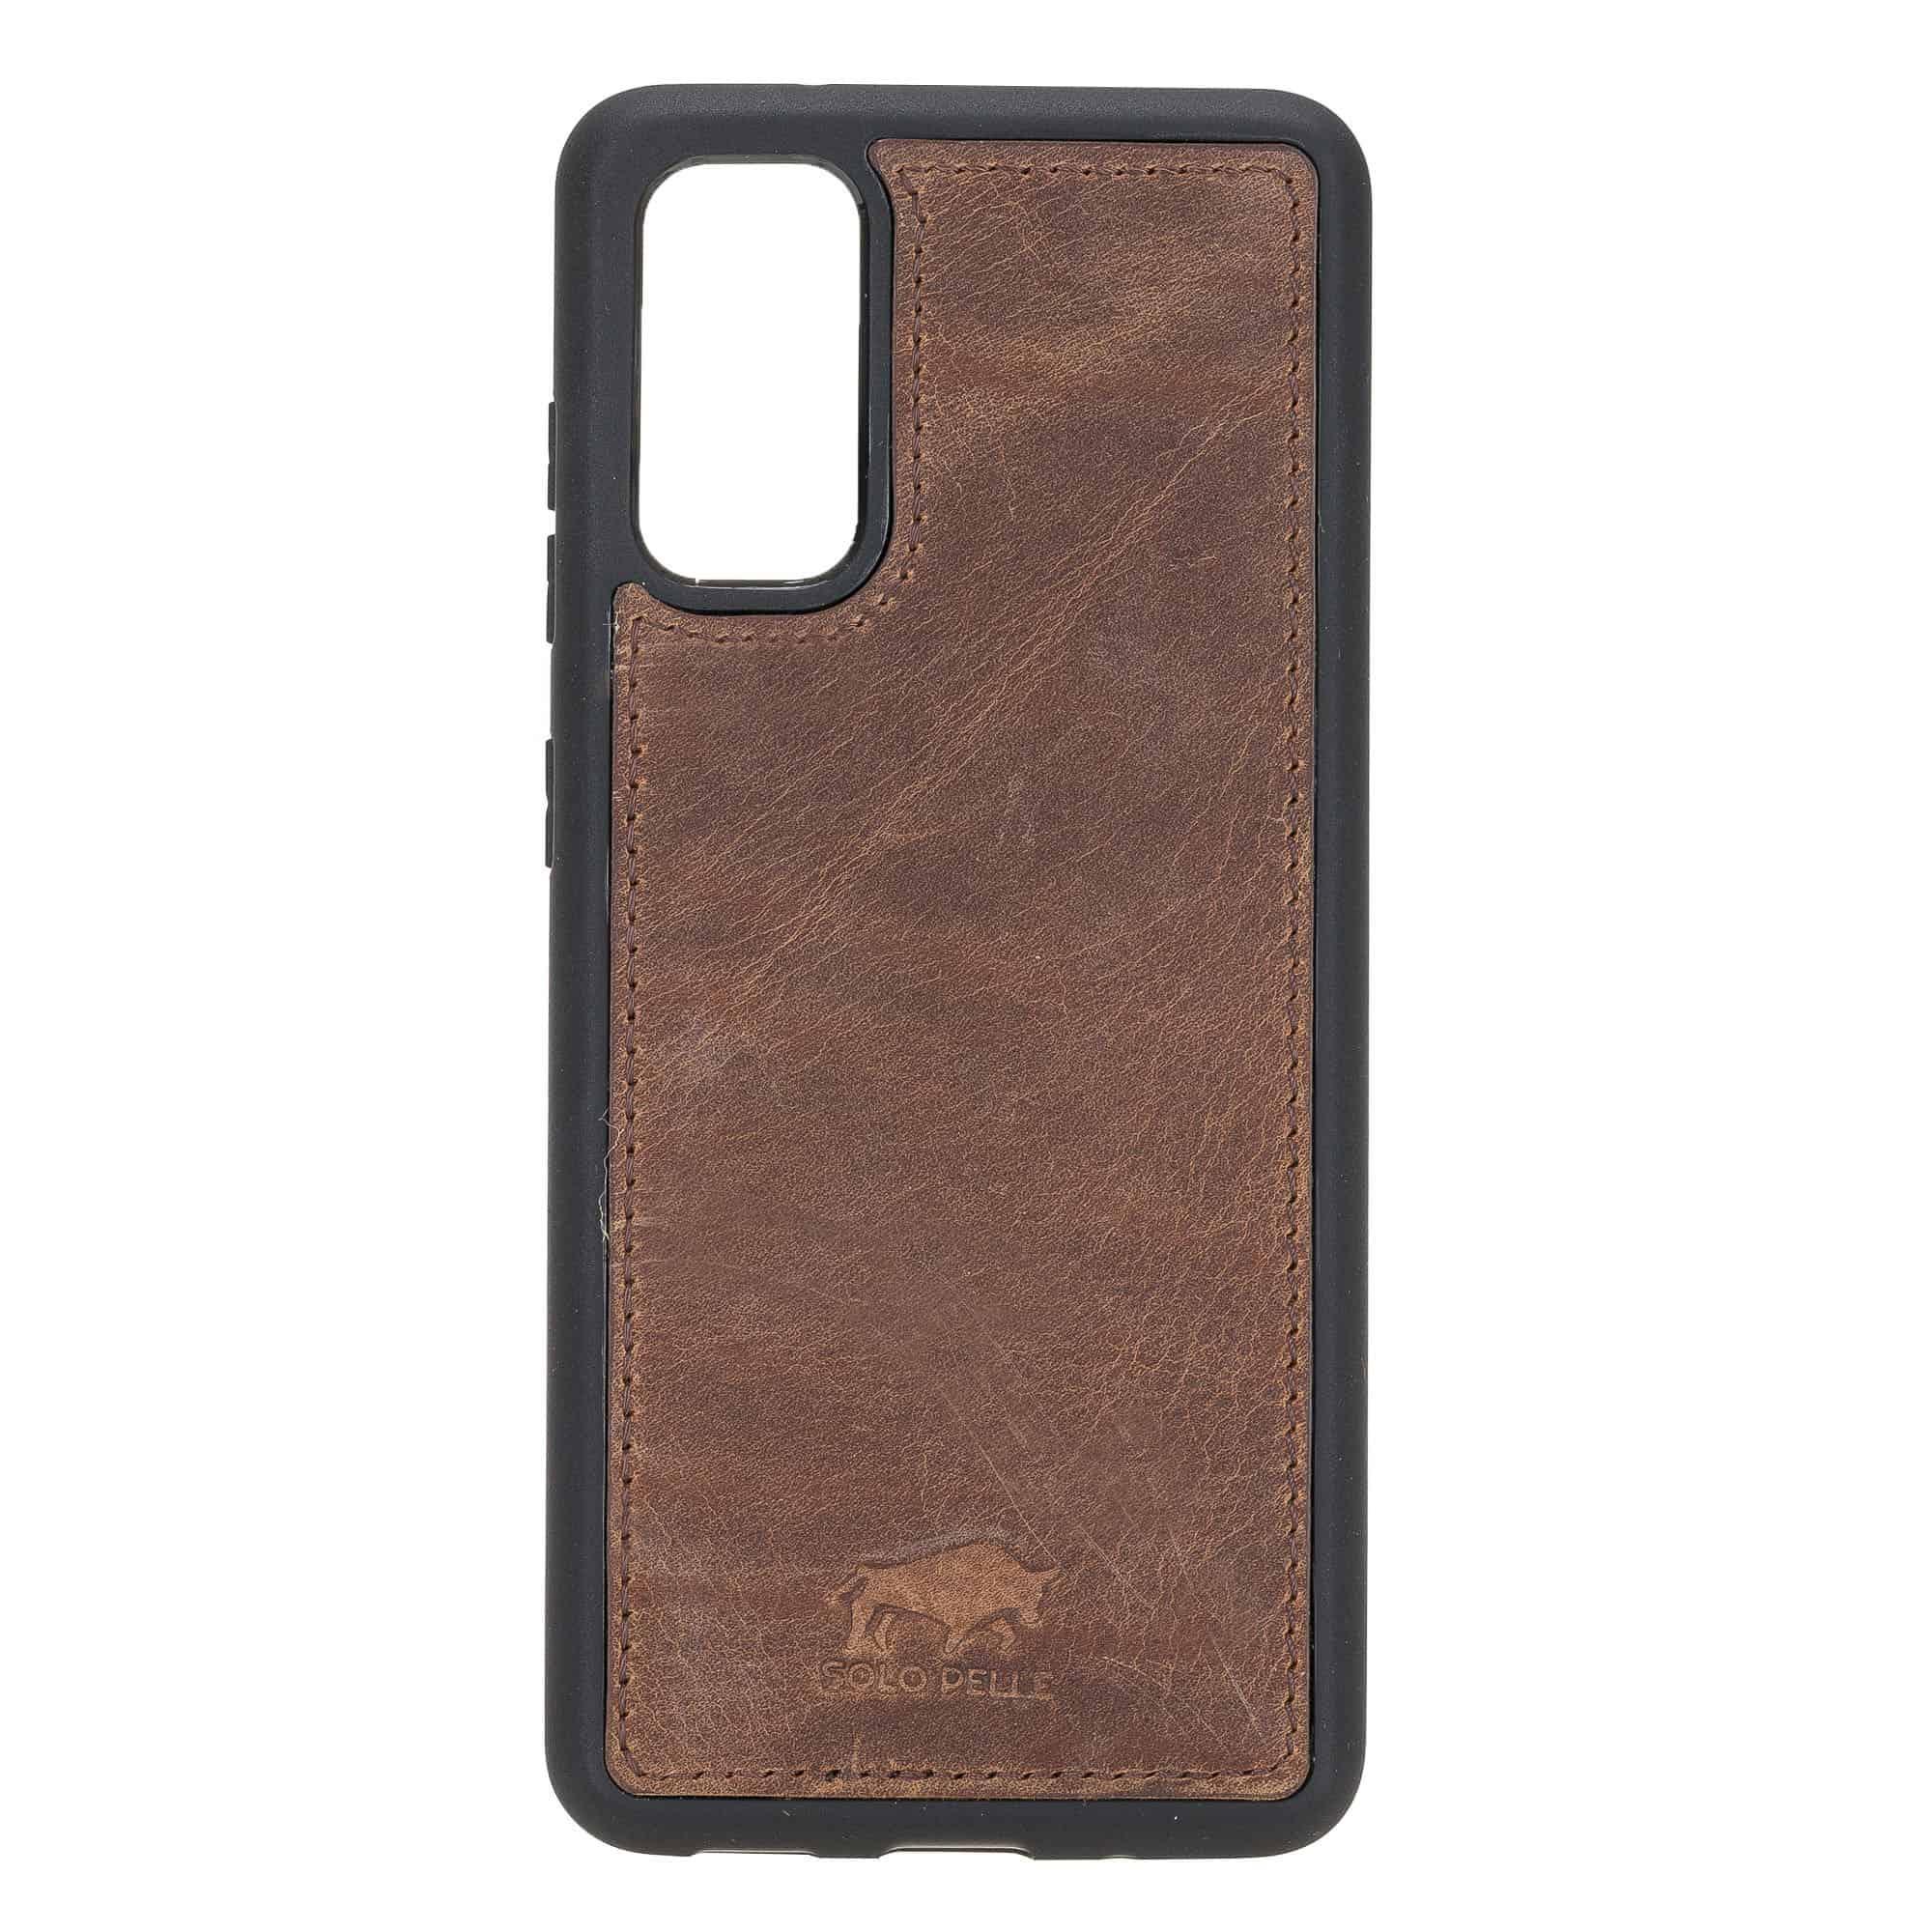 Solo Pelle Lederhülle für das Samsung Galaxy Note20 | Note 20 Hülle aus echtem Leder, Model: Stanford (Vintage Braun)